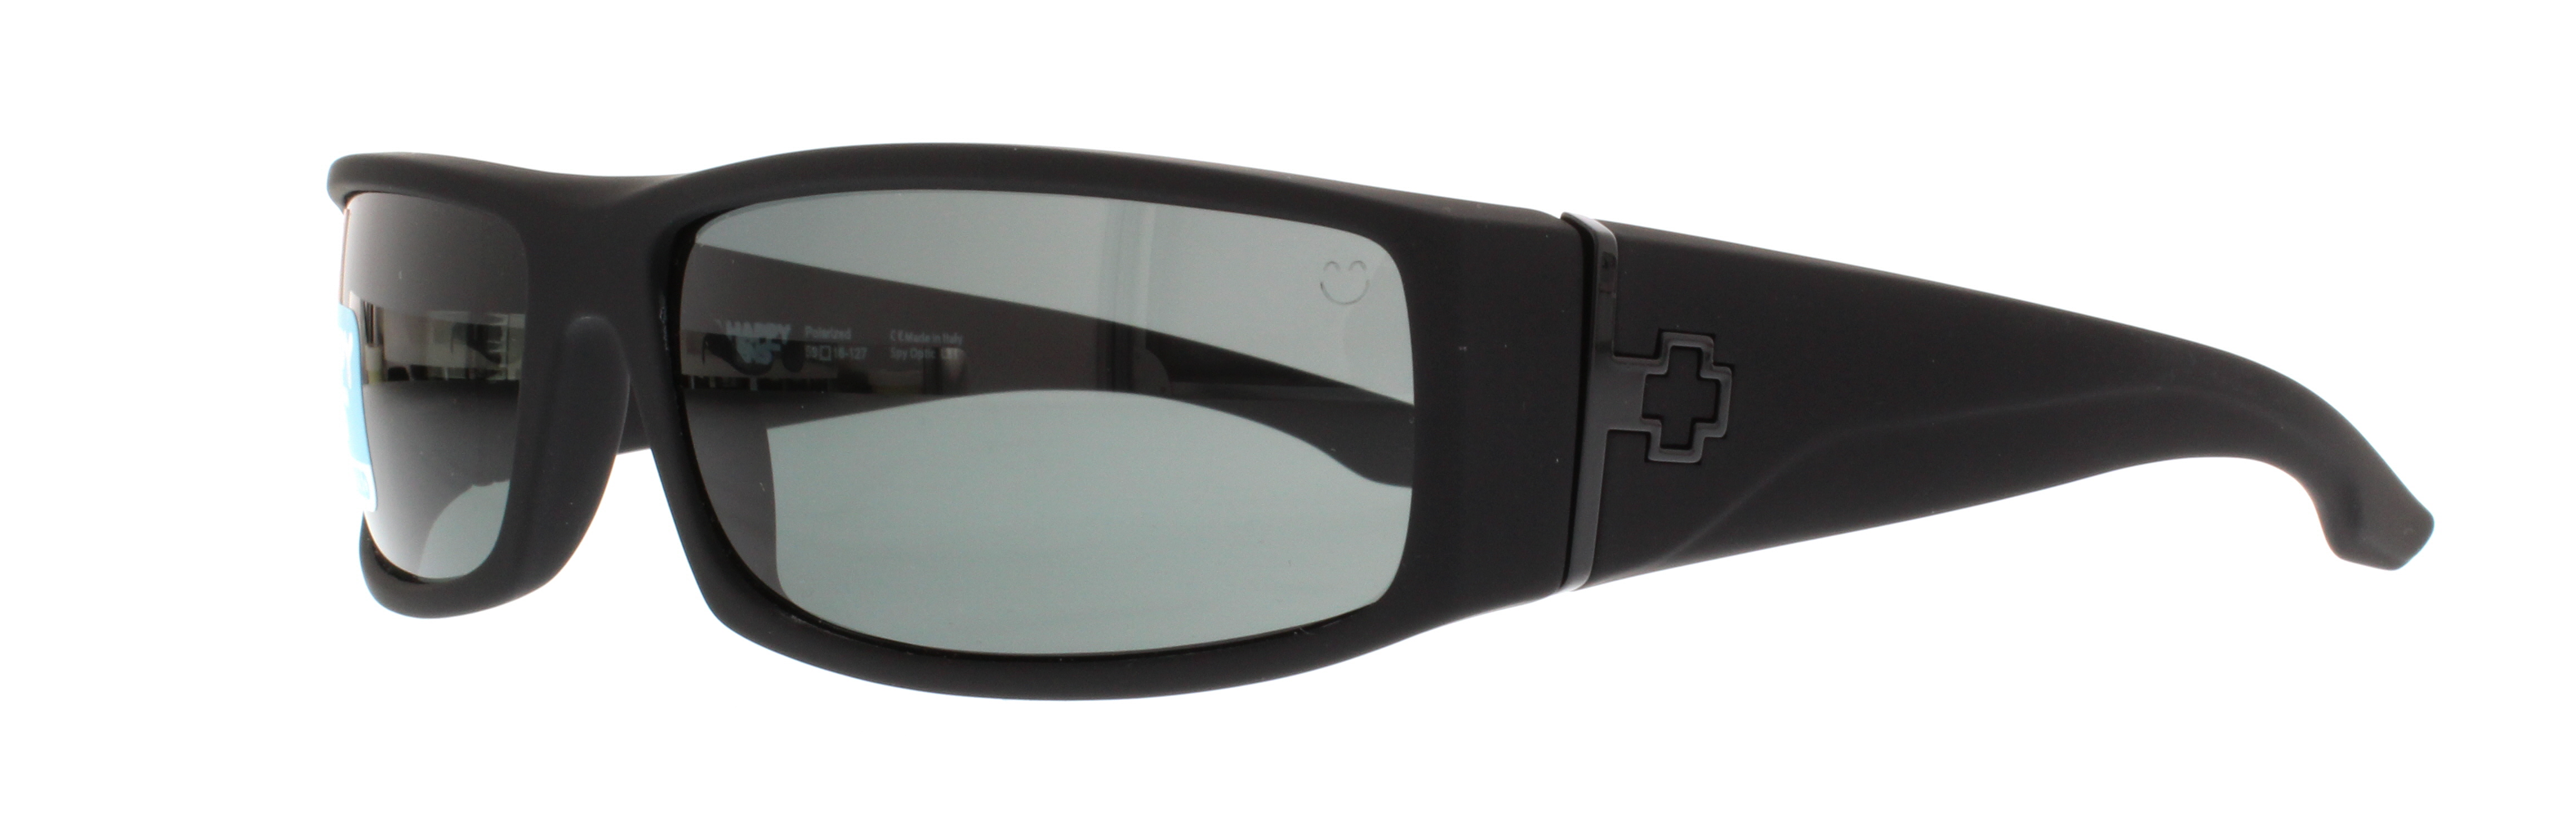 57886715bd Designer Frames Outlet. Spy Cooper